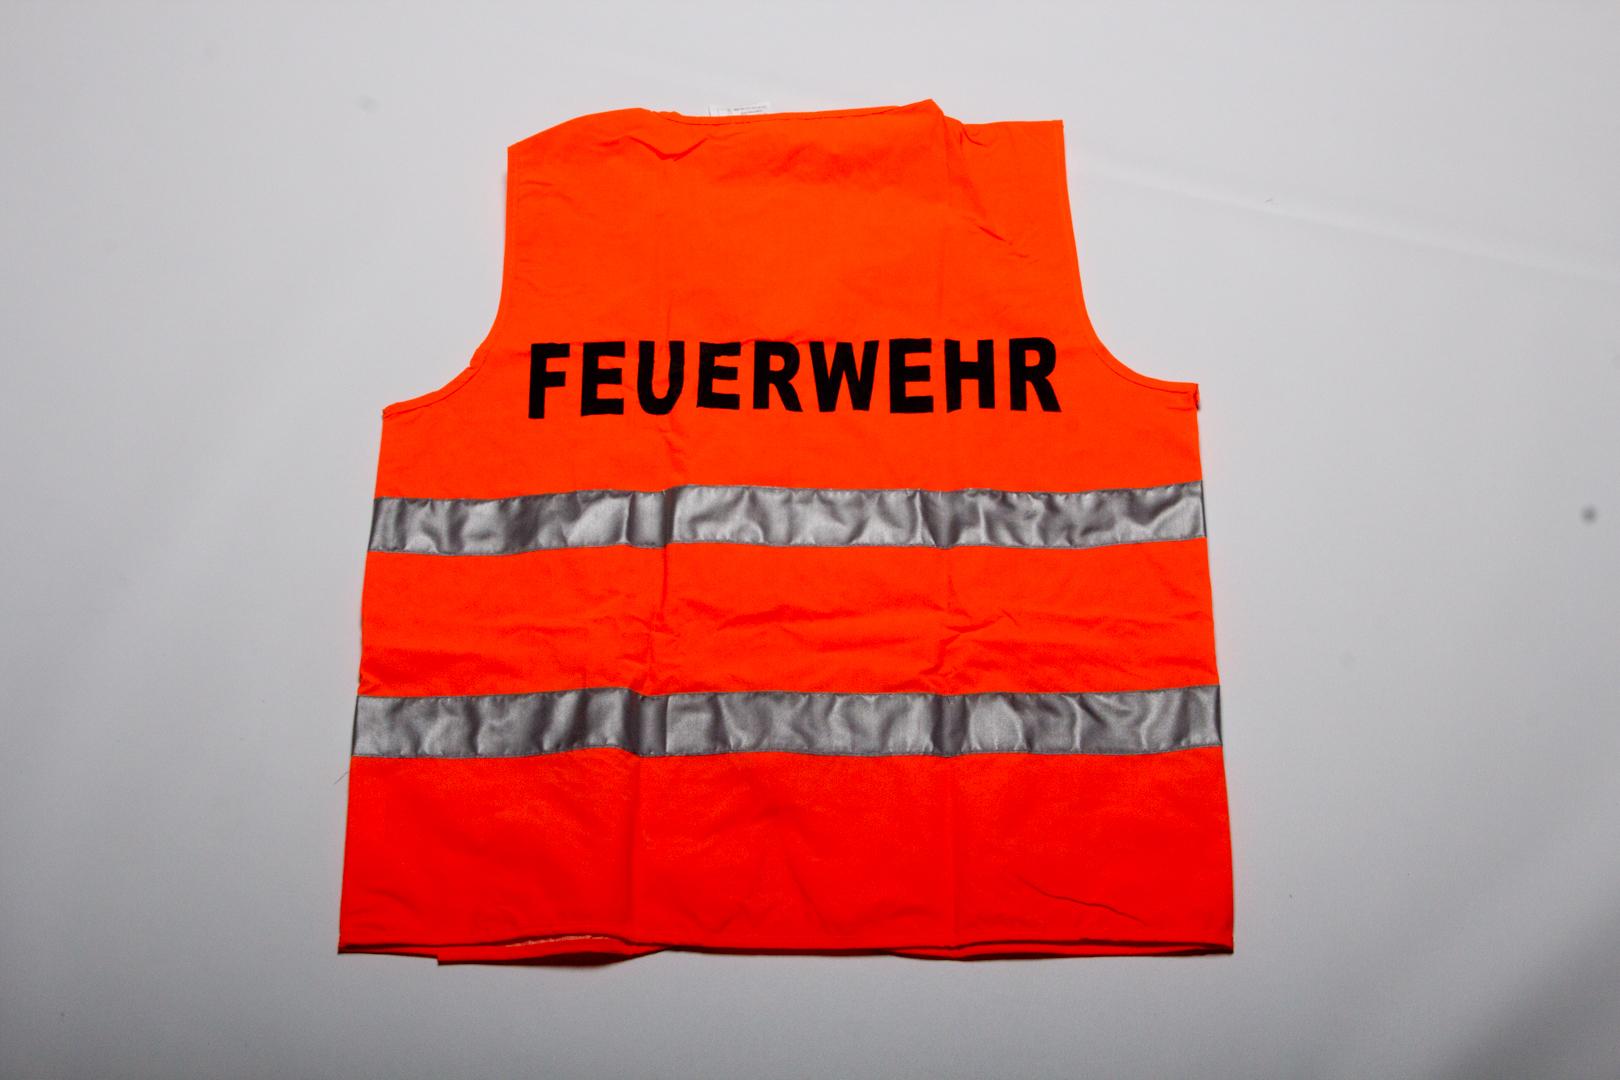 1 St/ück Warnweste FEUERWEHR Sicherheitsweste mit Druck auf R/ücken und Brust